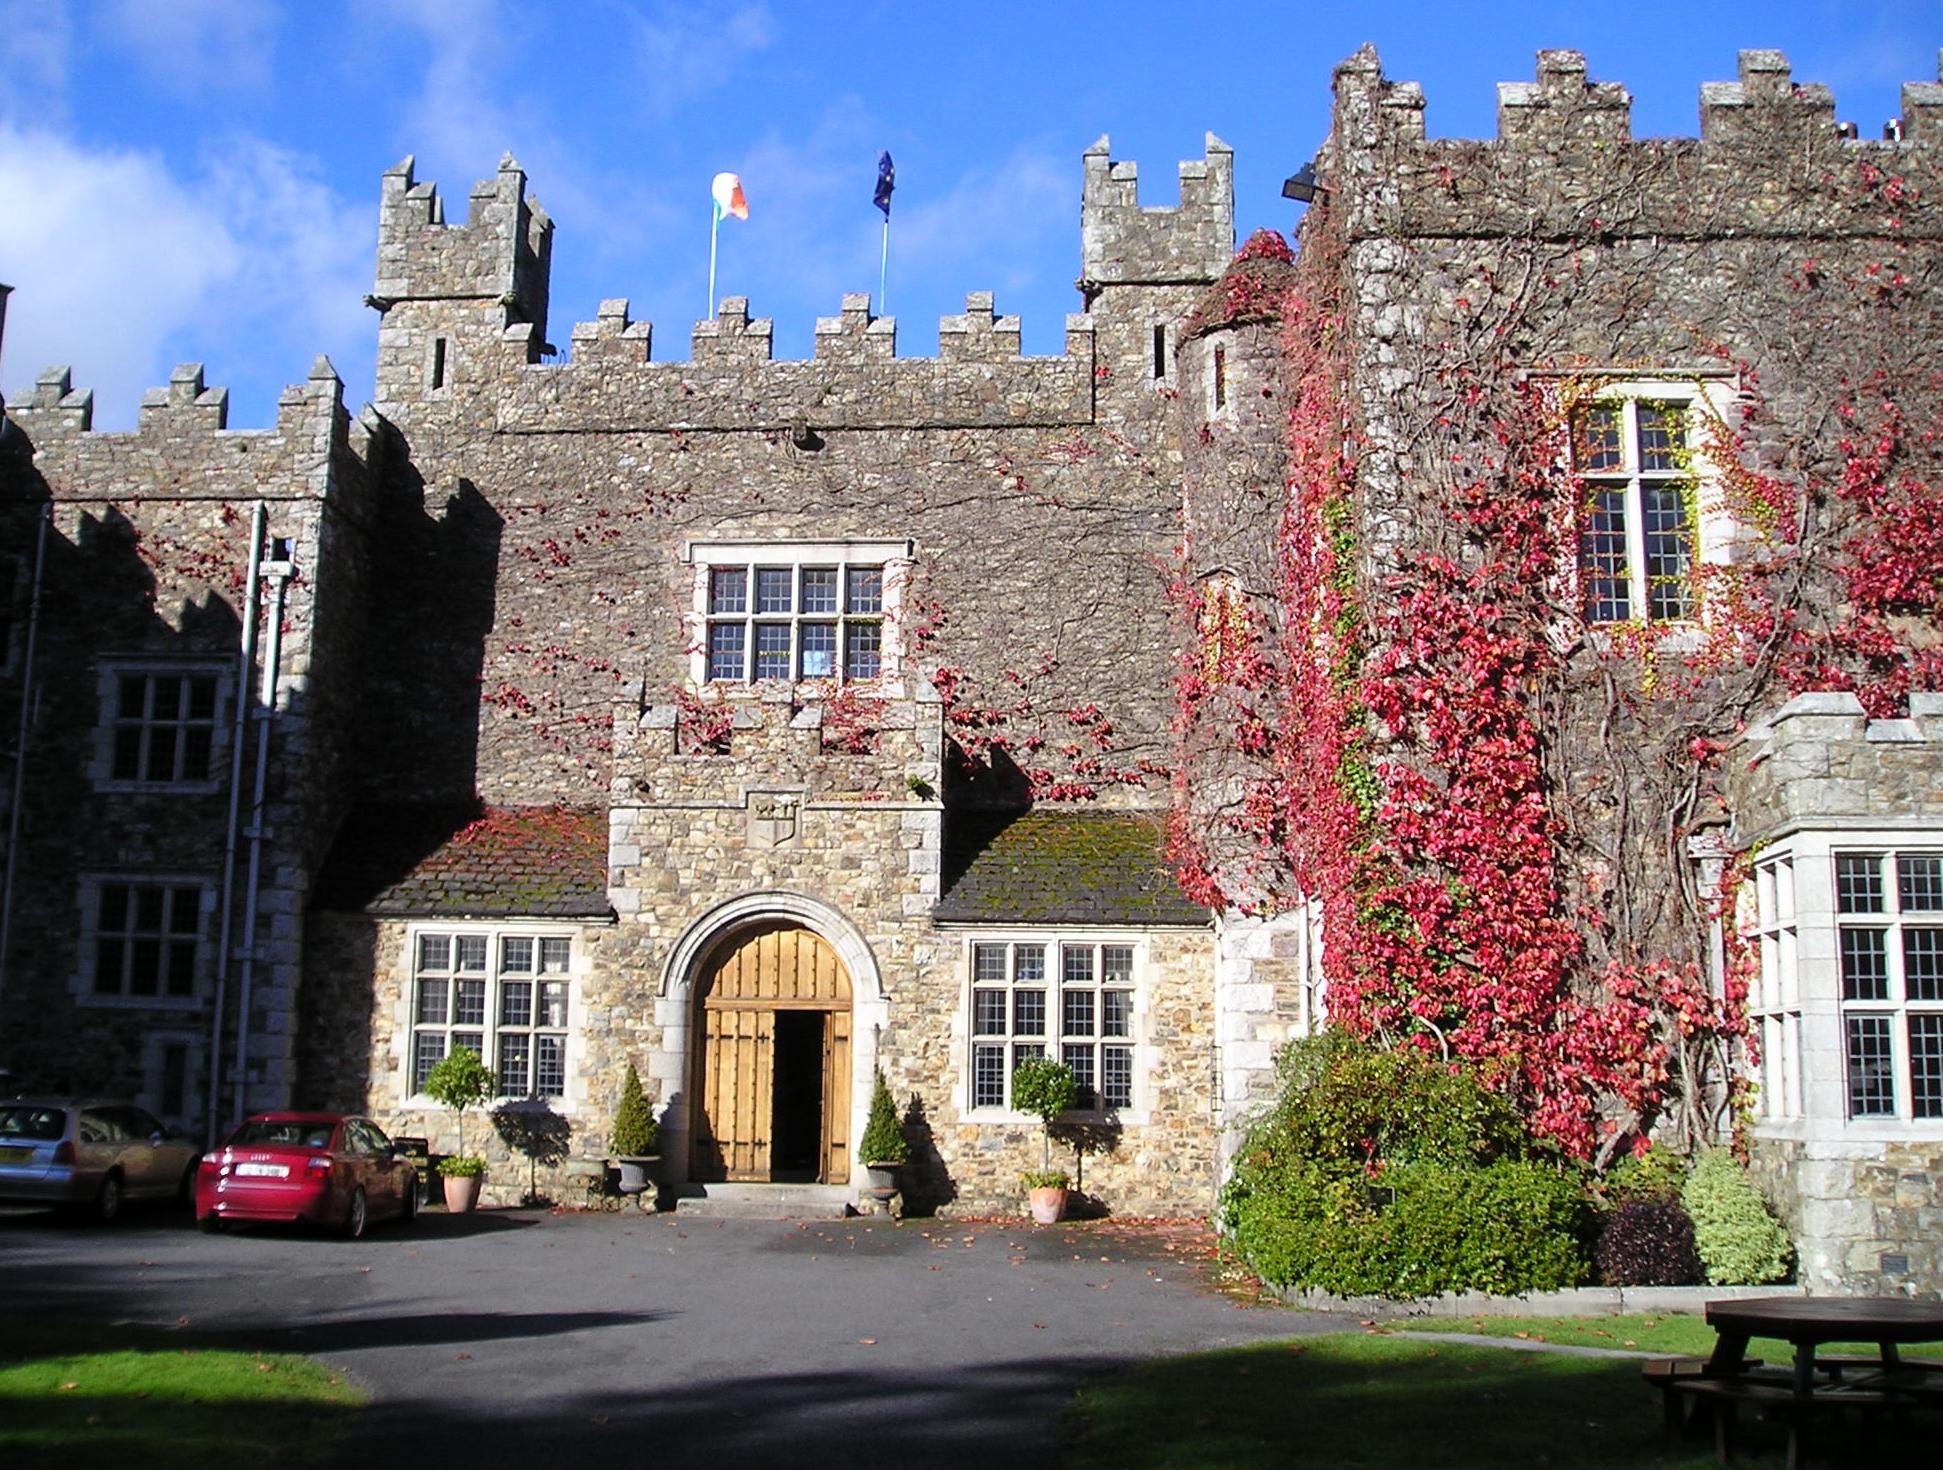 Http Irishfireside 2010 01 19 Irelands Real Castle Hotels